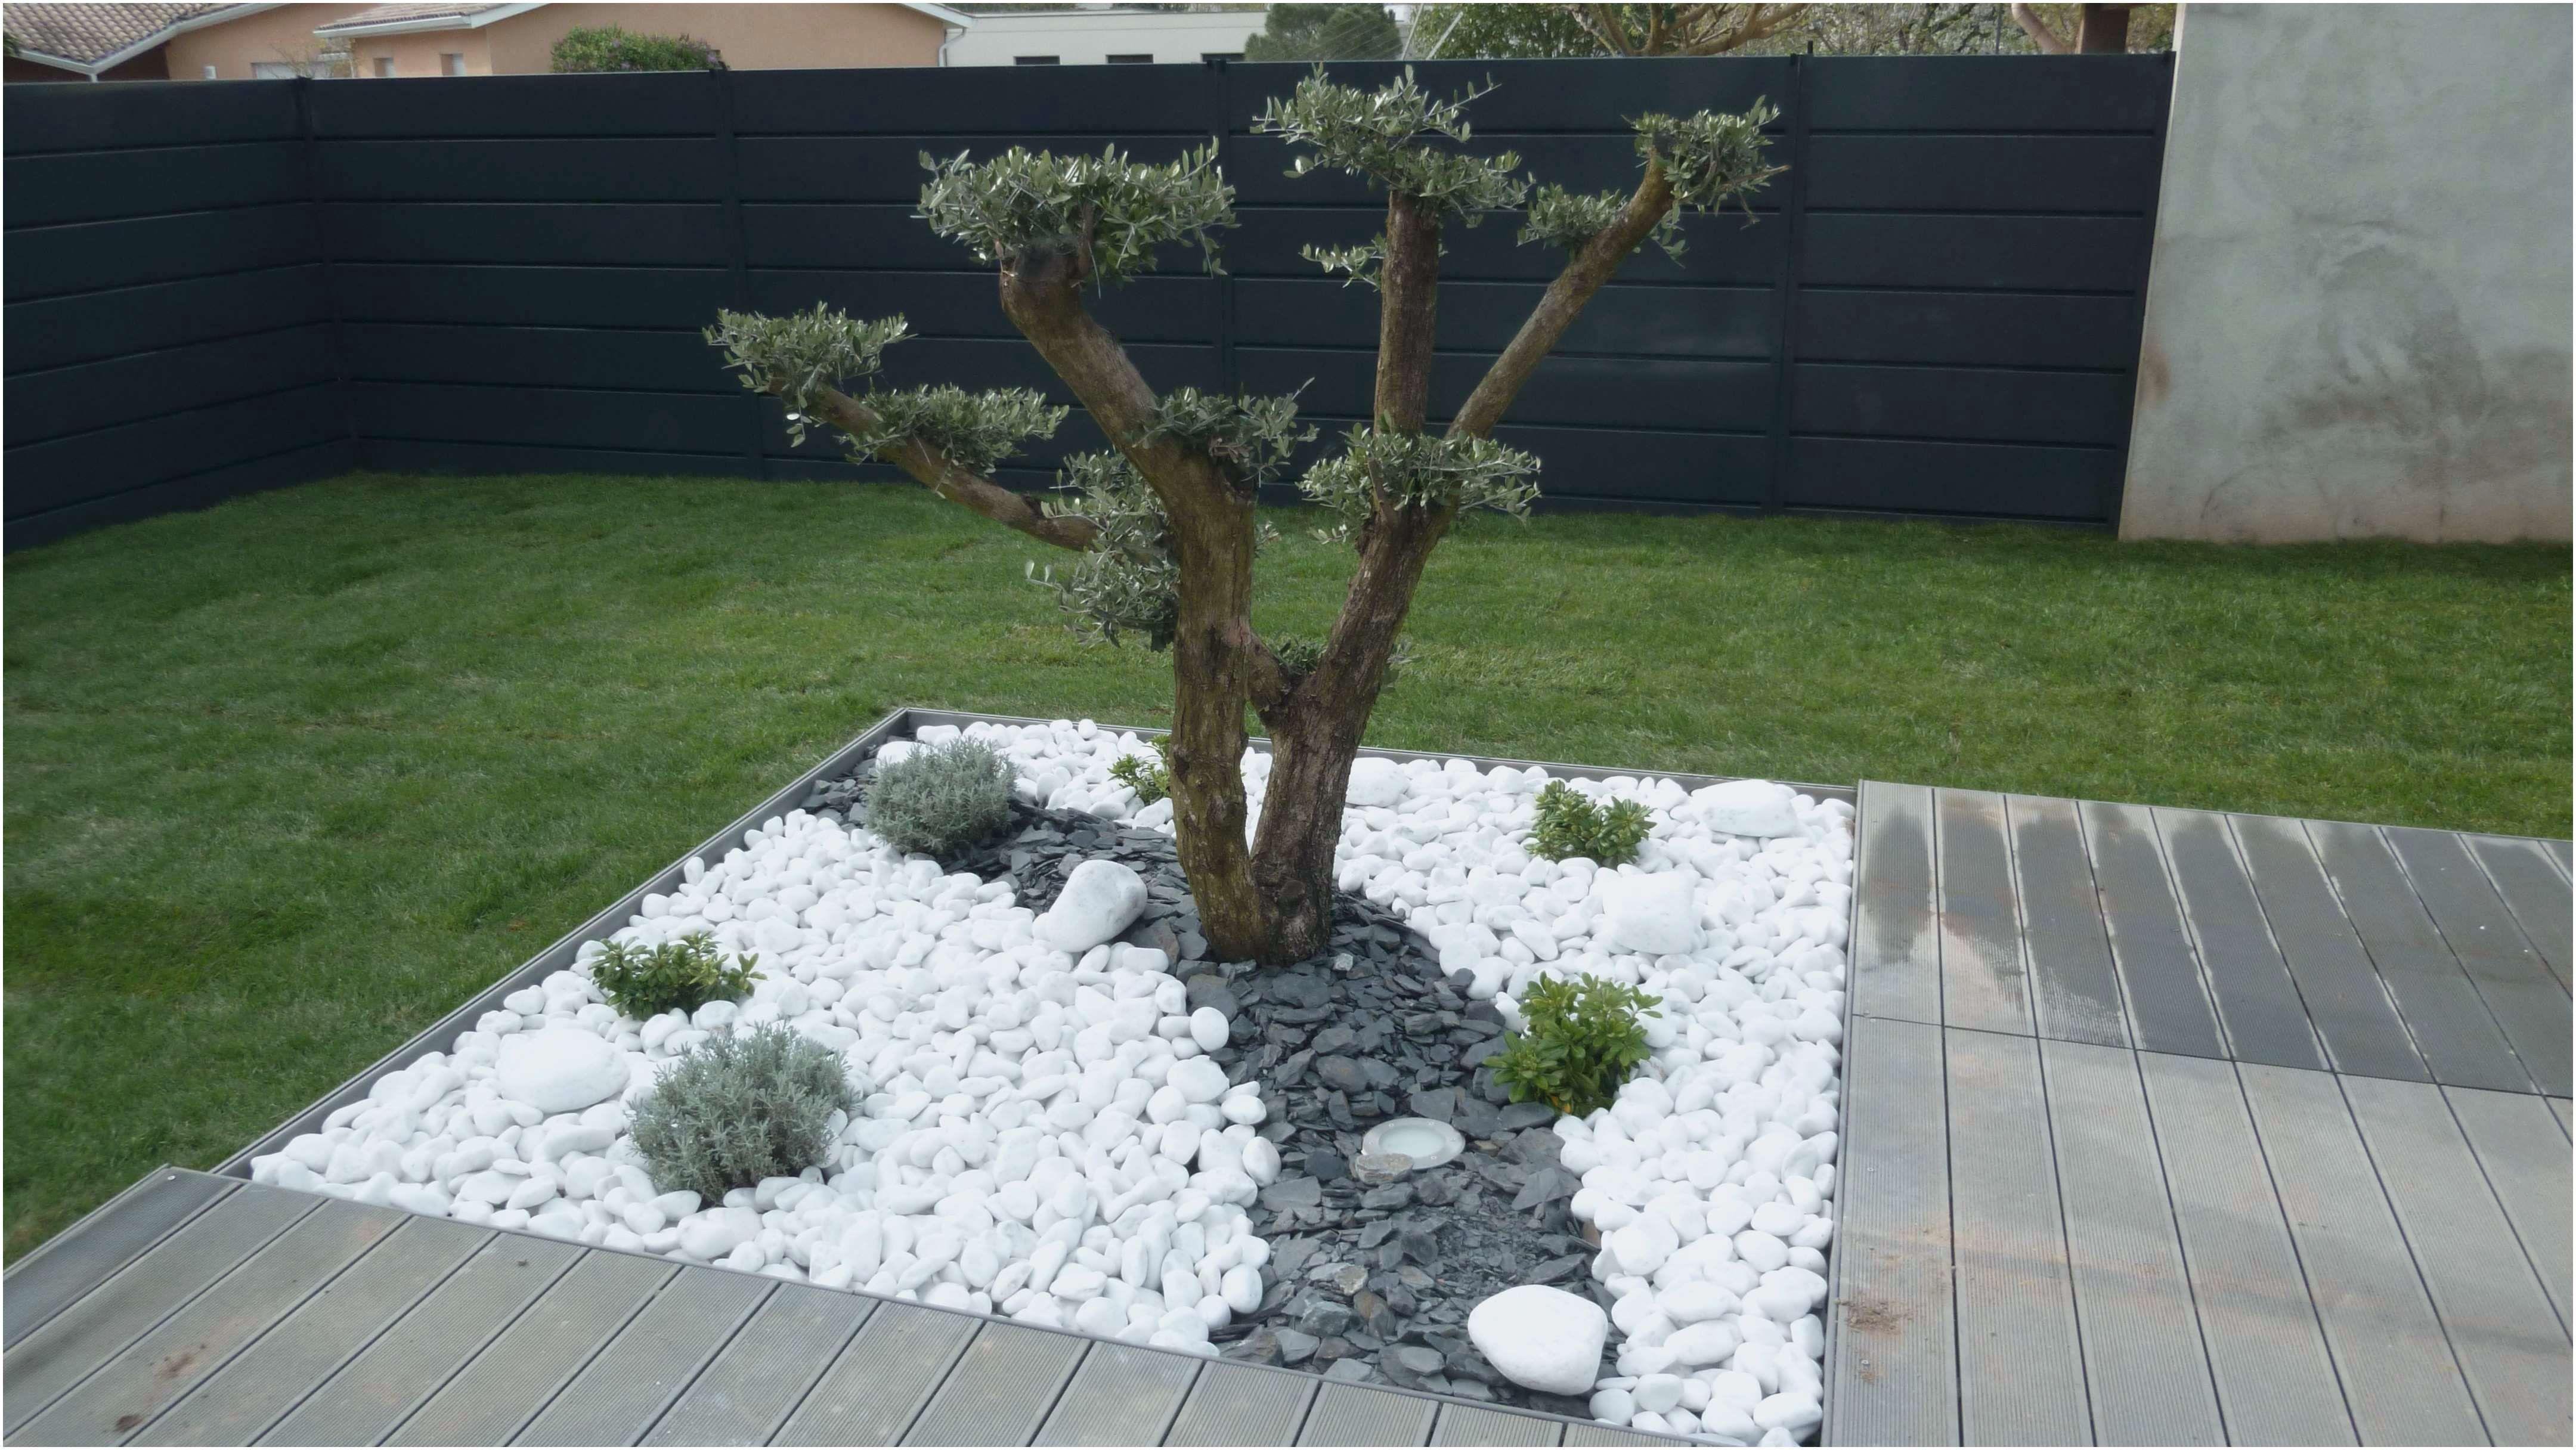 Idee Deco Jardin Avec Gravillon Decoration Jardin Deco Jardin